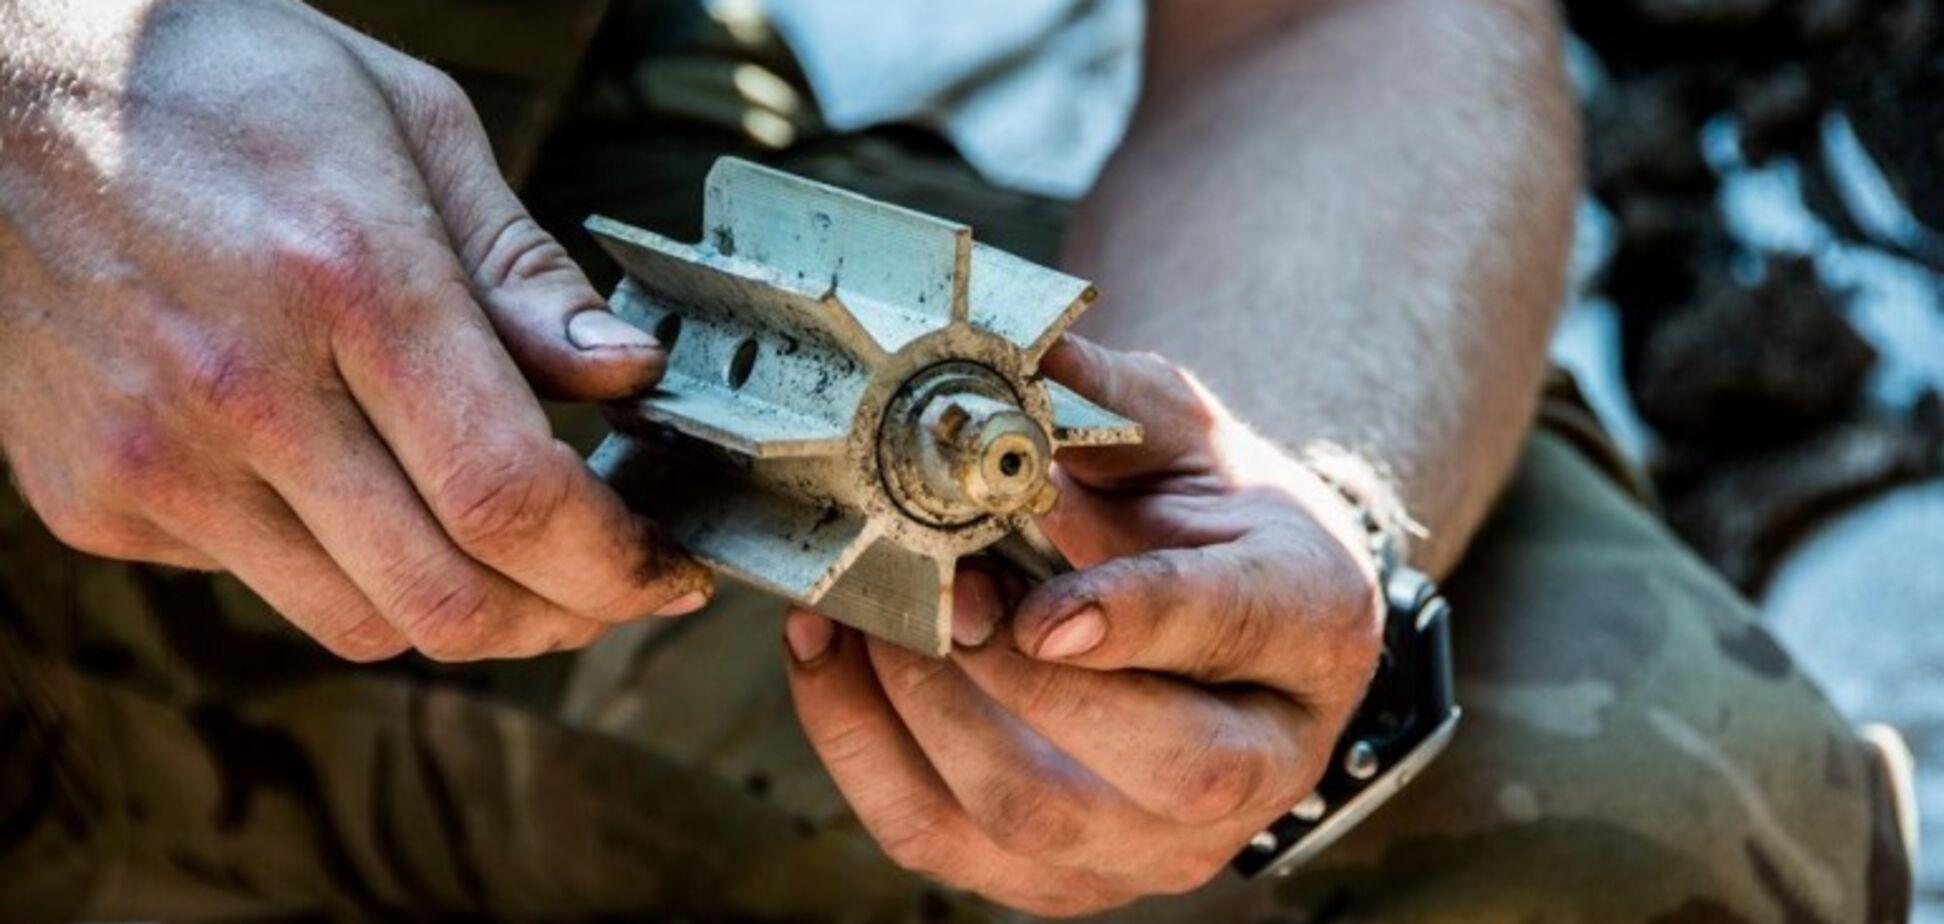 Украинские агенты на оккупированных территориях: 'тихая война' продолжается